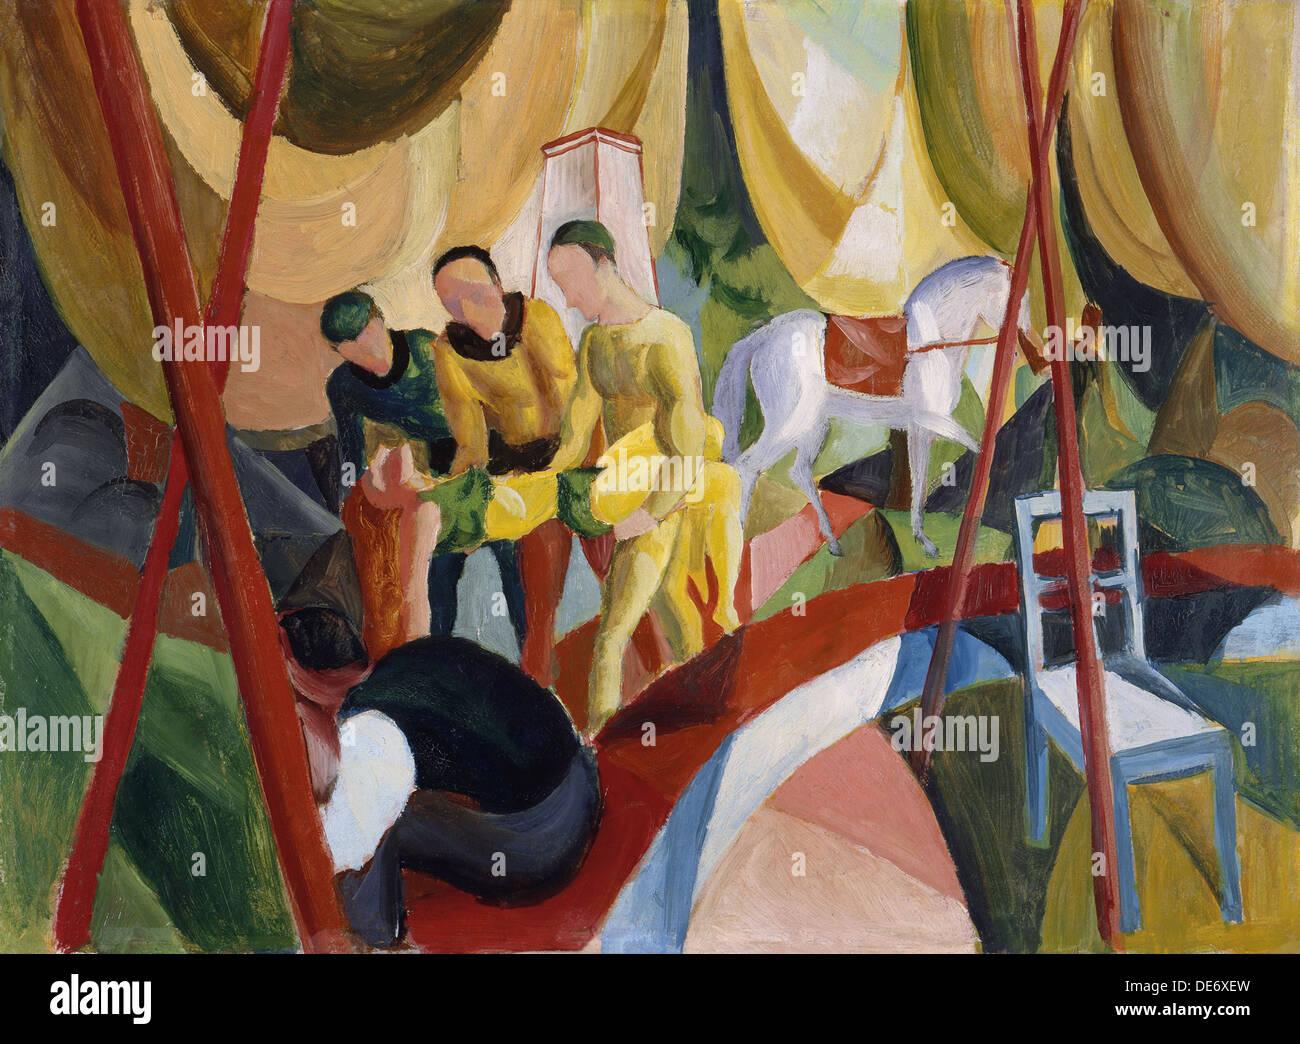 Circus, 1913. Artista: Macke, Agosto (1887-1914) Immagini Stock